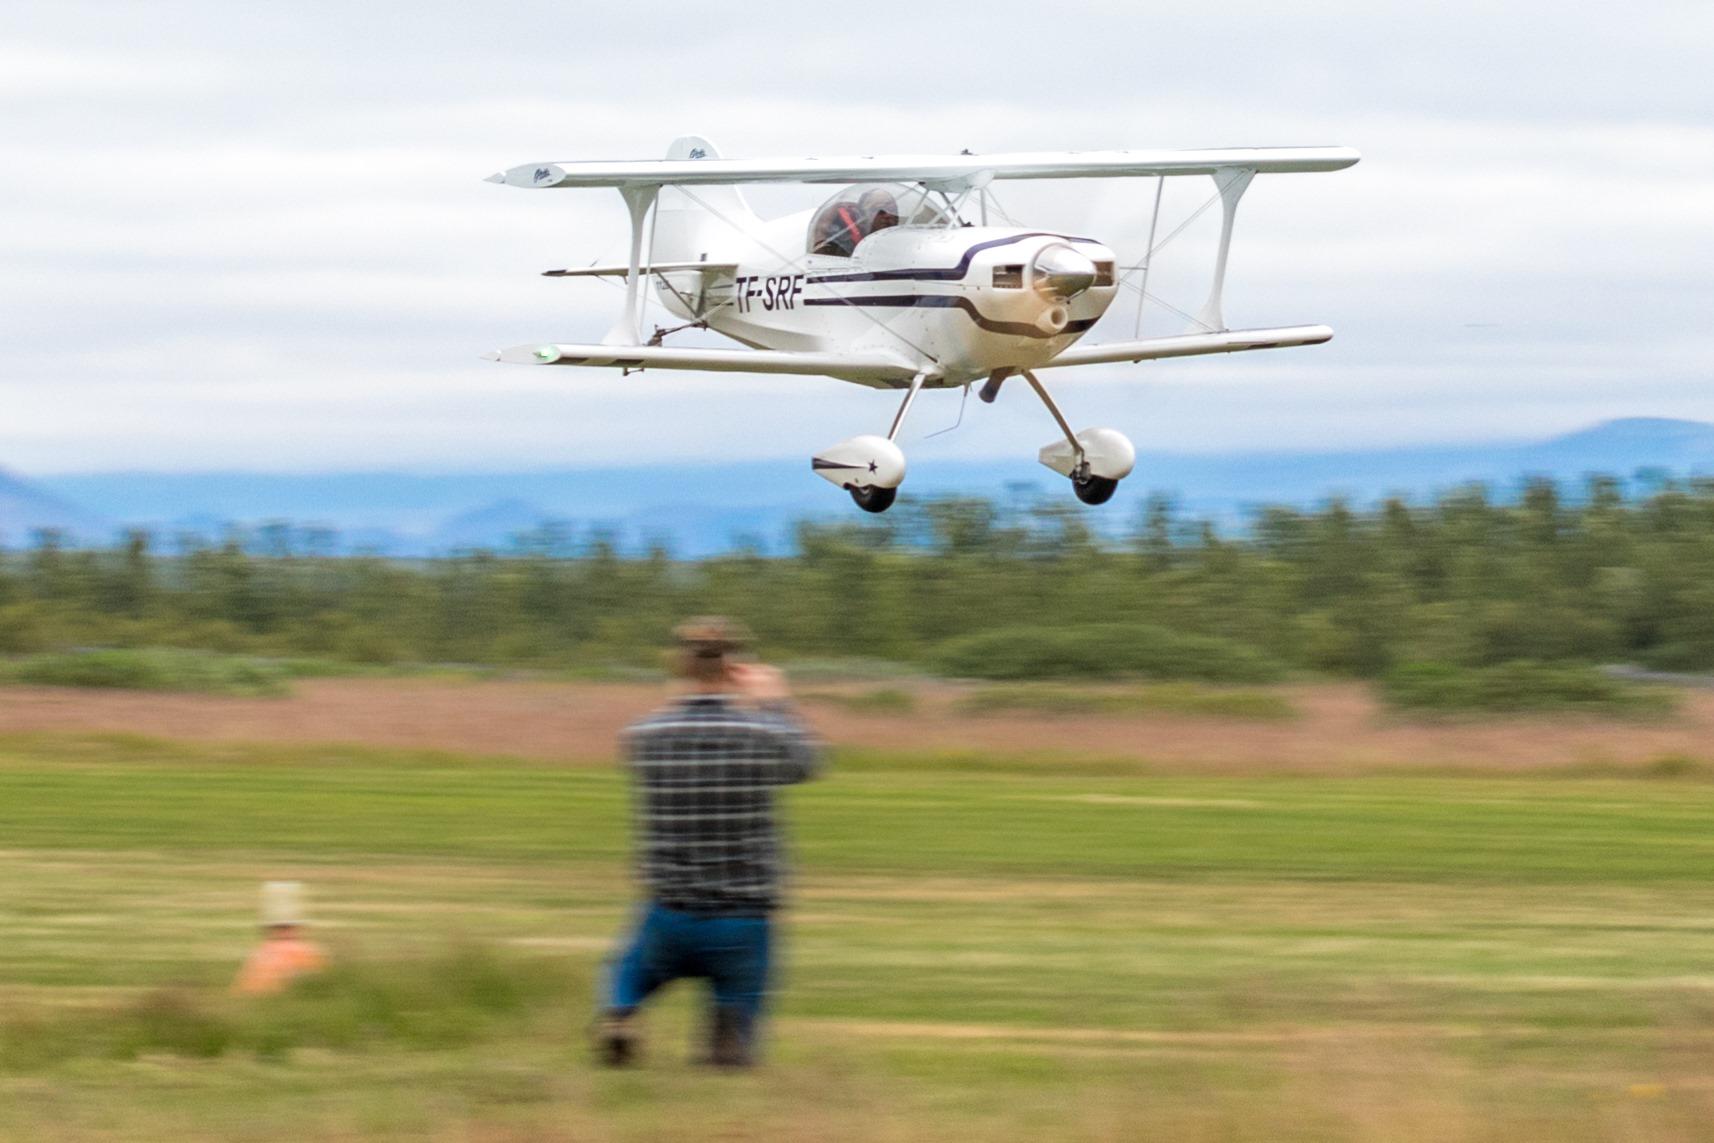 """Steingrímur Rafn Friðriksson is piloting Pitts S1SS TF-SRF on """"Allt sem flýgur 2019"""" in Hella // Source: Andres Thorarinsson"""